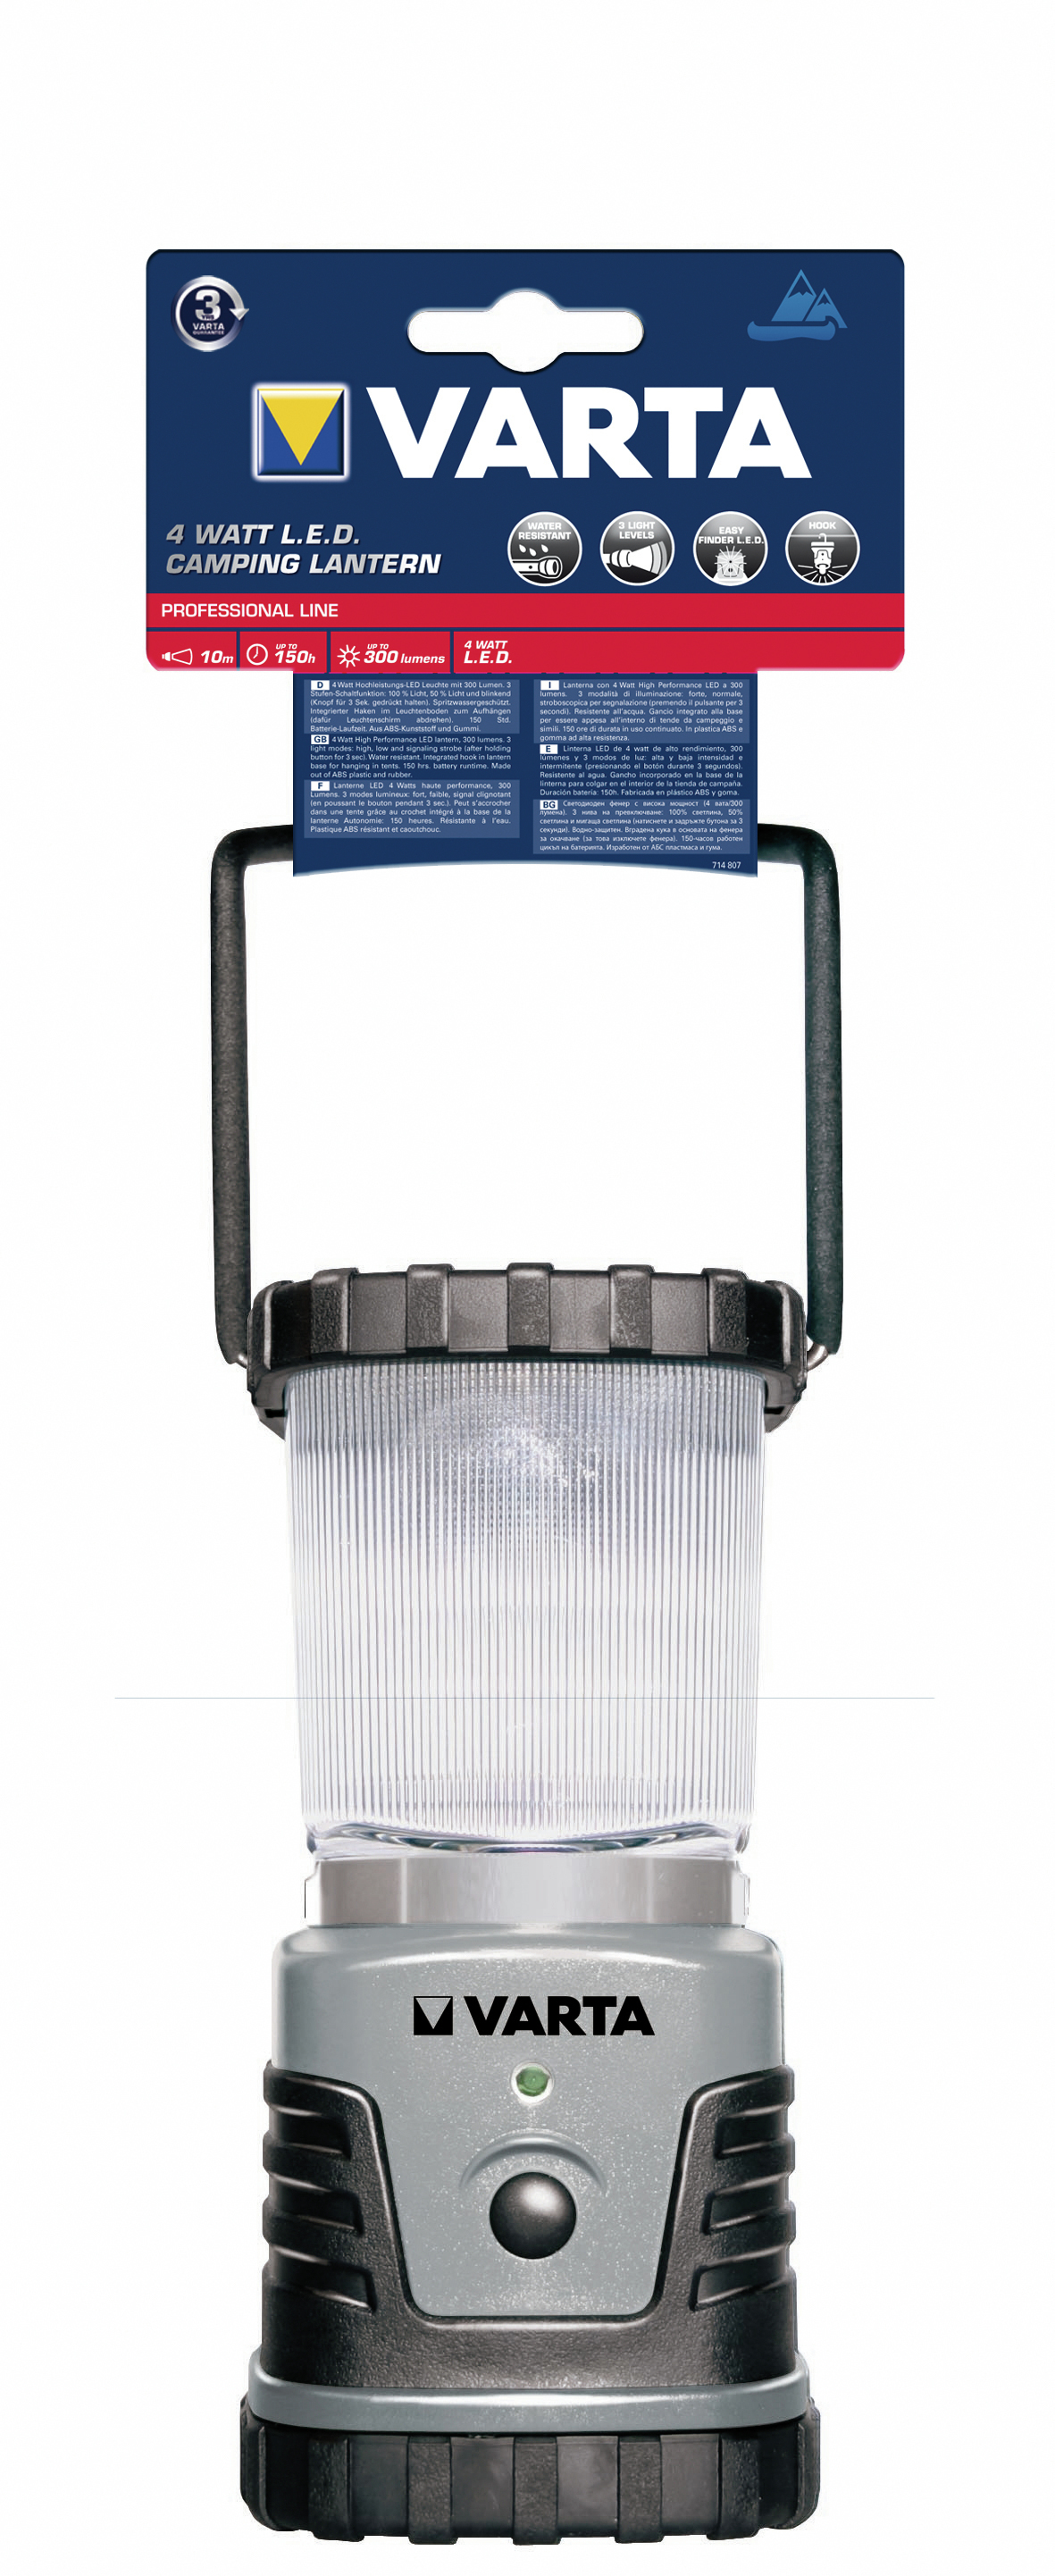 Varta 4W 3D LED - Schwarz - Silber - Kunststoff - Gummi - LED - 4 W - 150 h - 88 mm